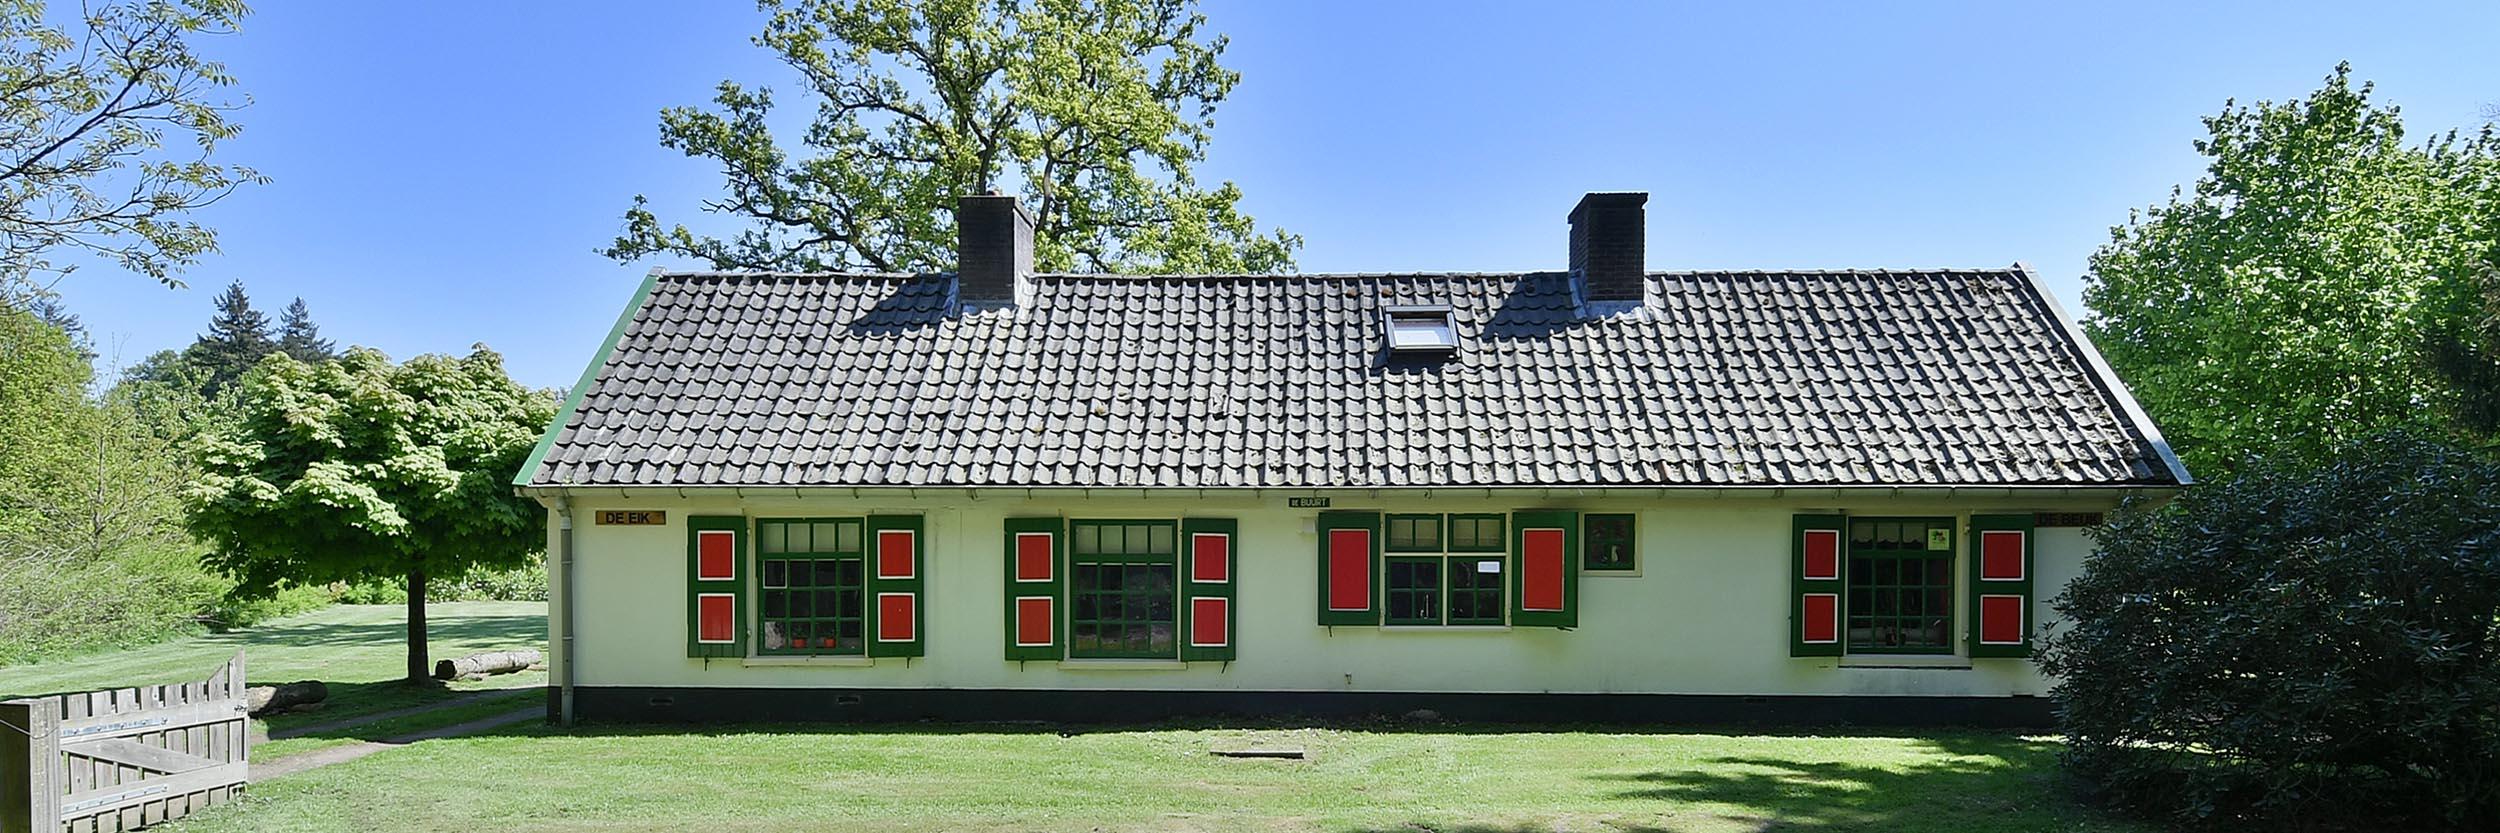 Vakantiehuis De Eik